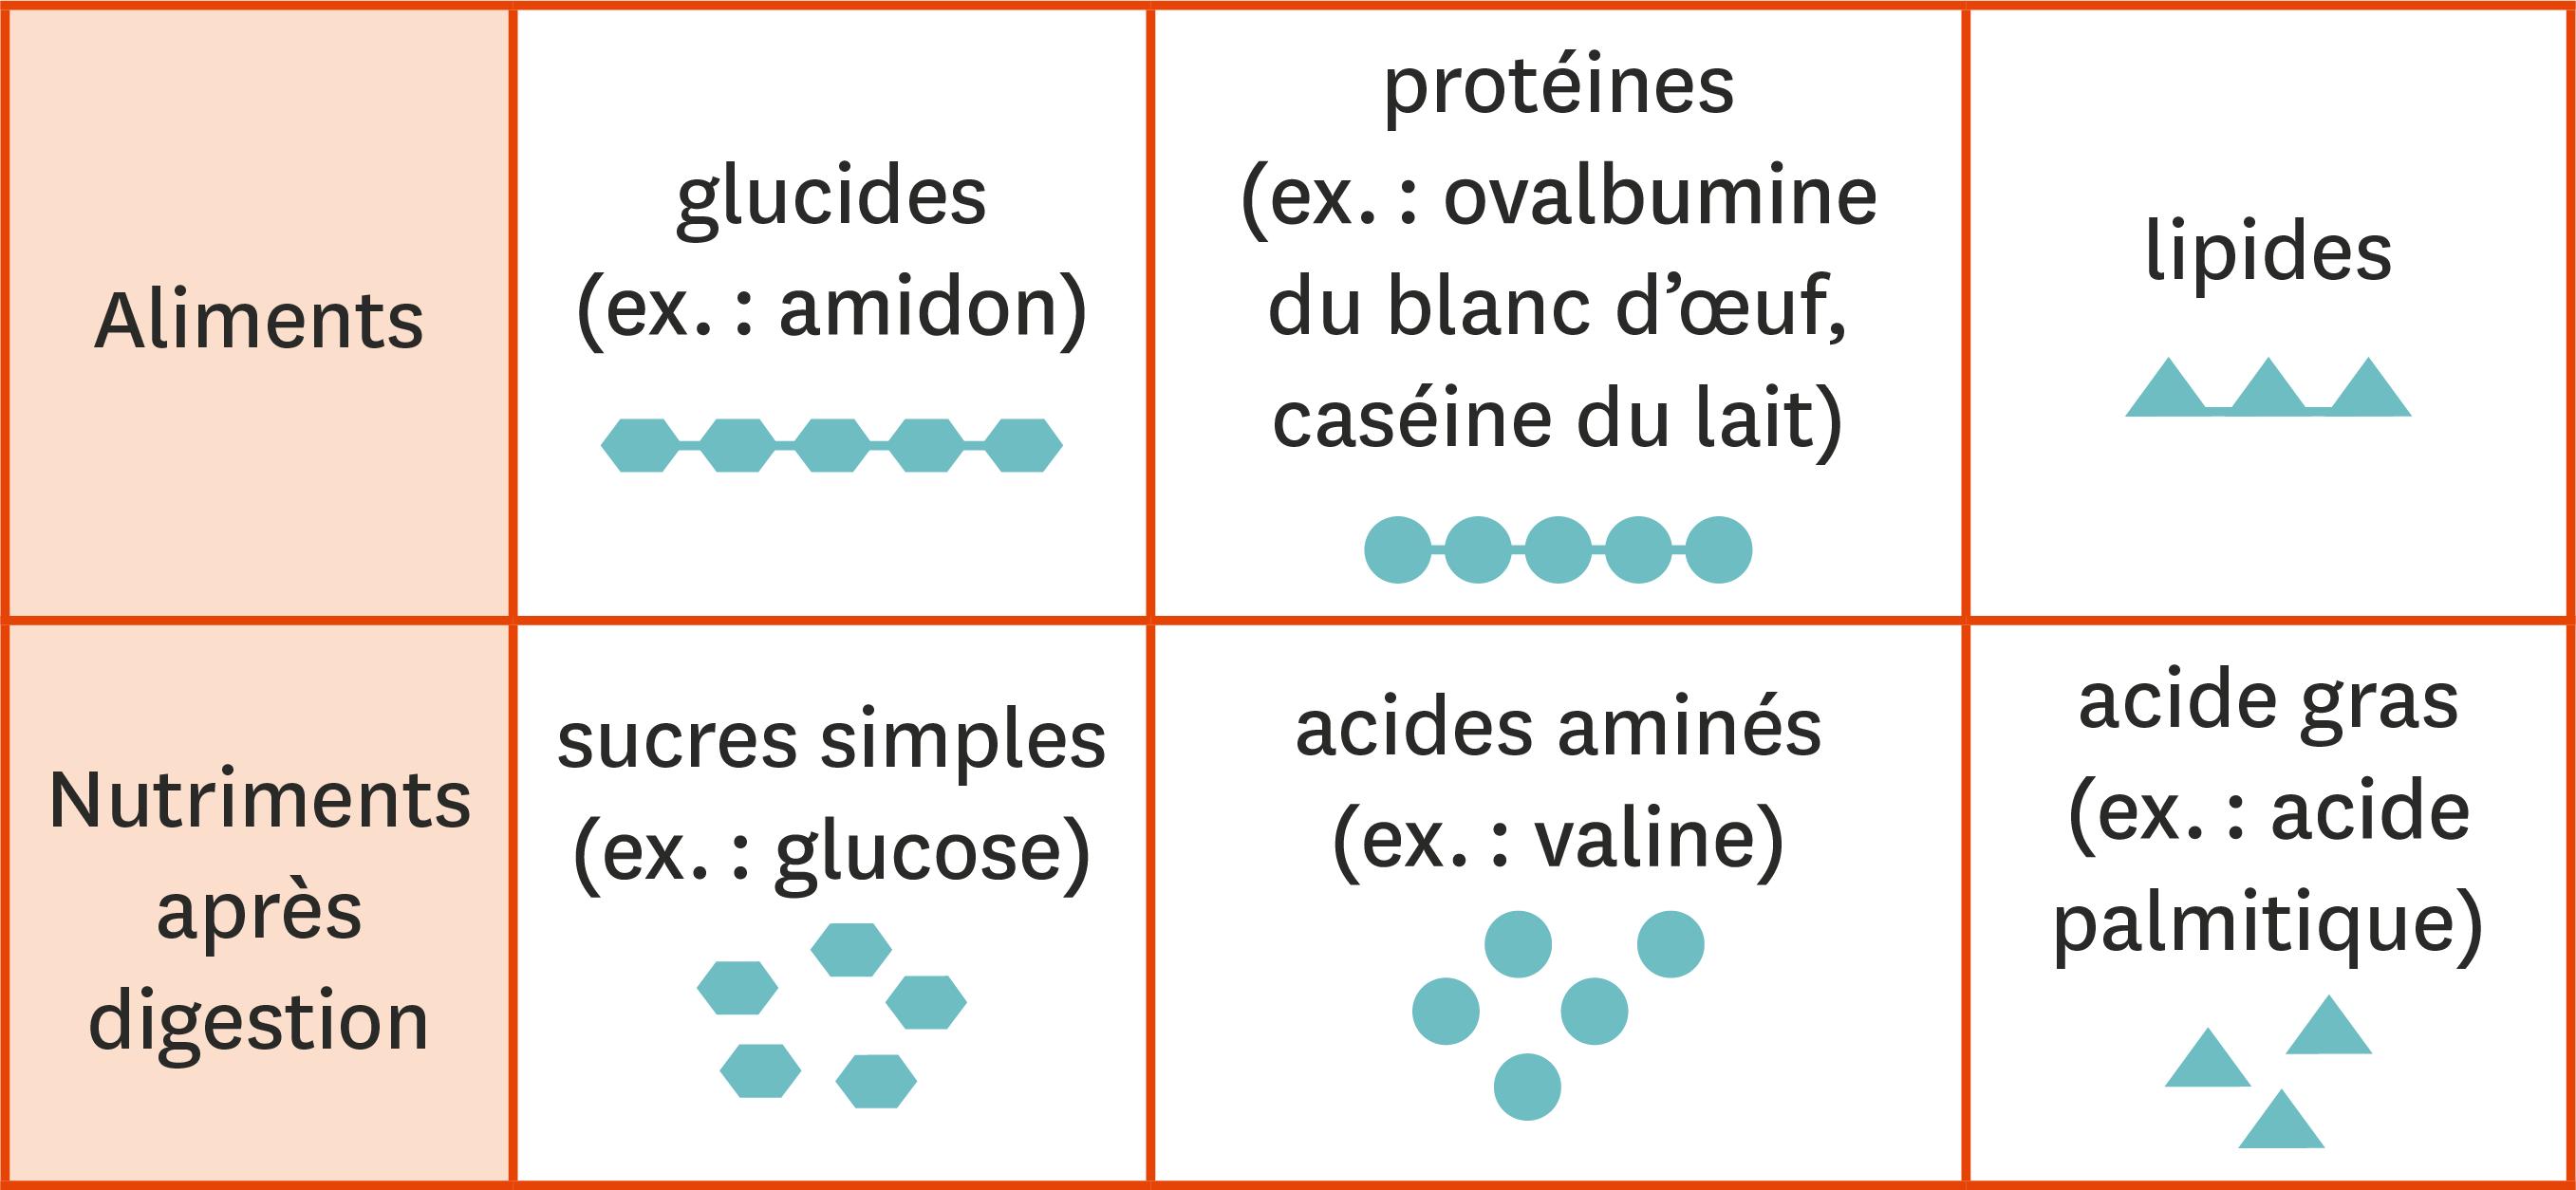 <stamp theme='svt-green1'>Doc. 3</stamp> Une comparaison des aliments et des nutriments.